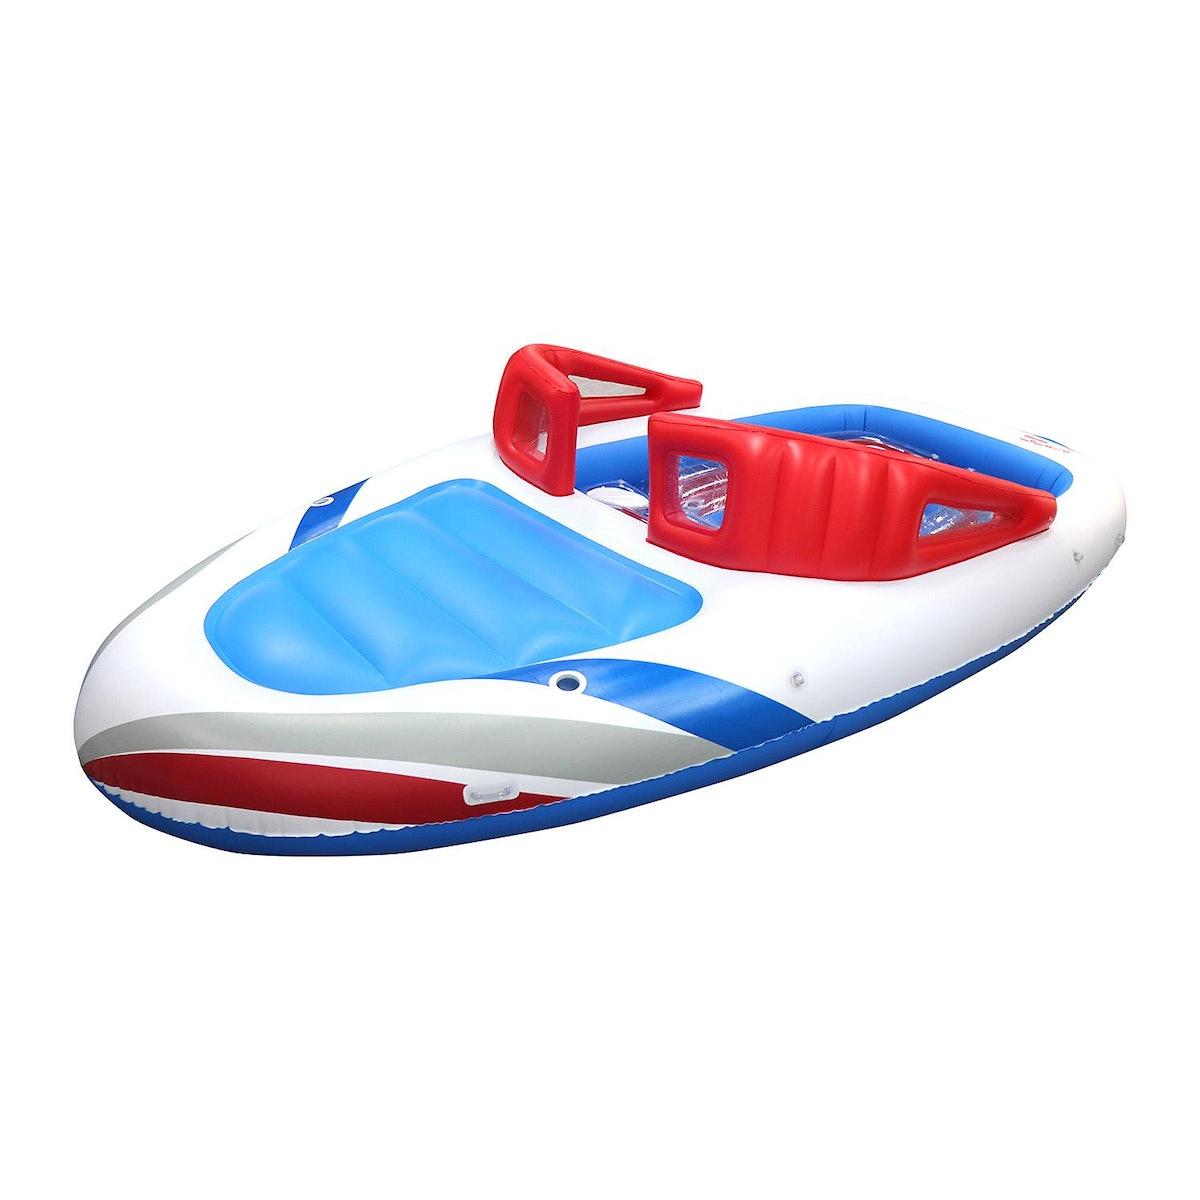 Member's Mark Island - Boat